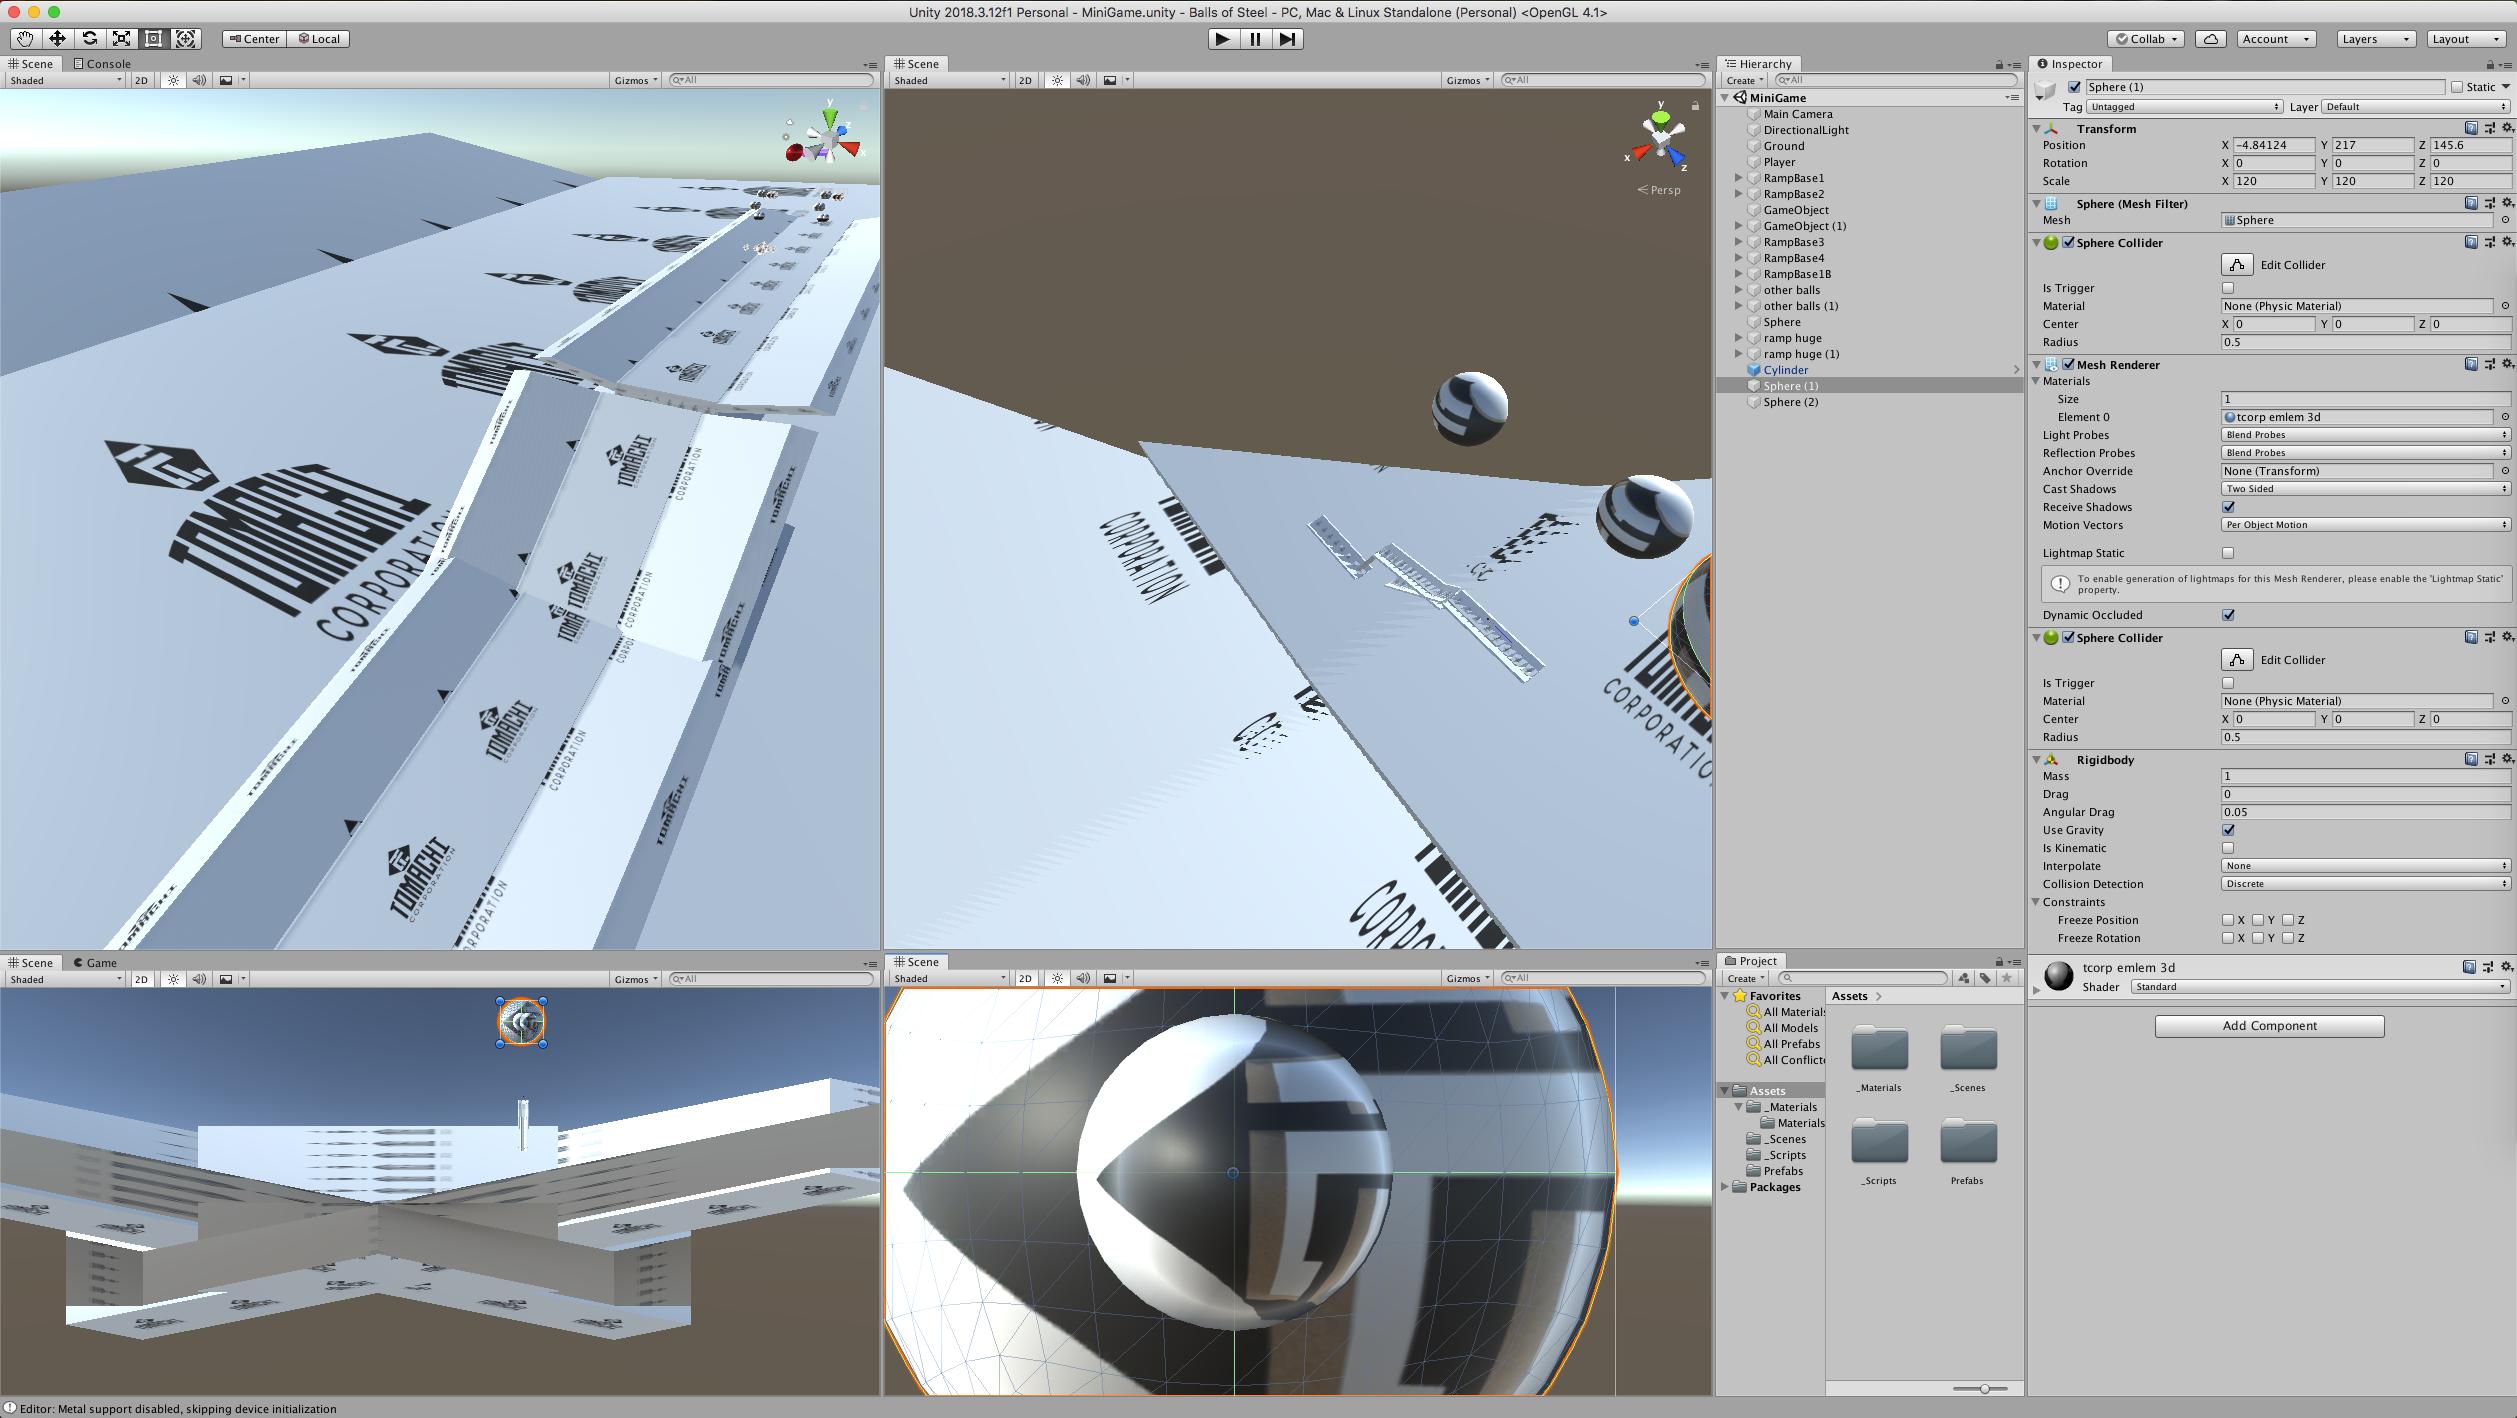 Demo playable WebGL game demo